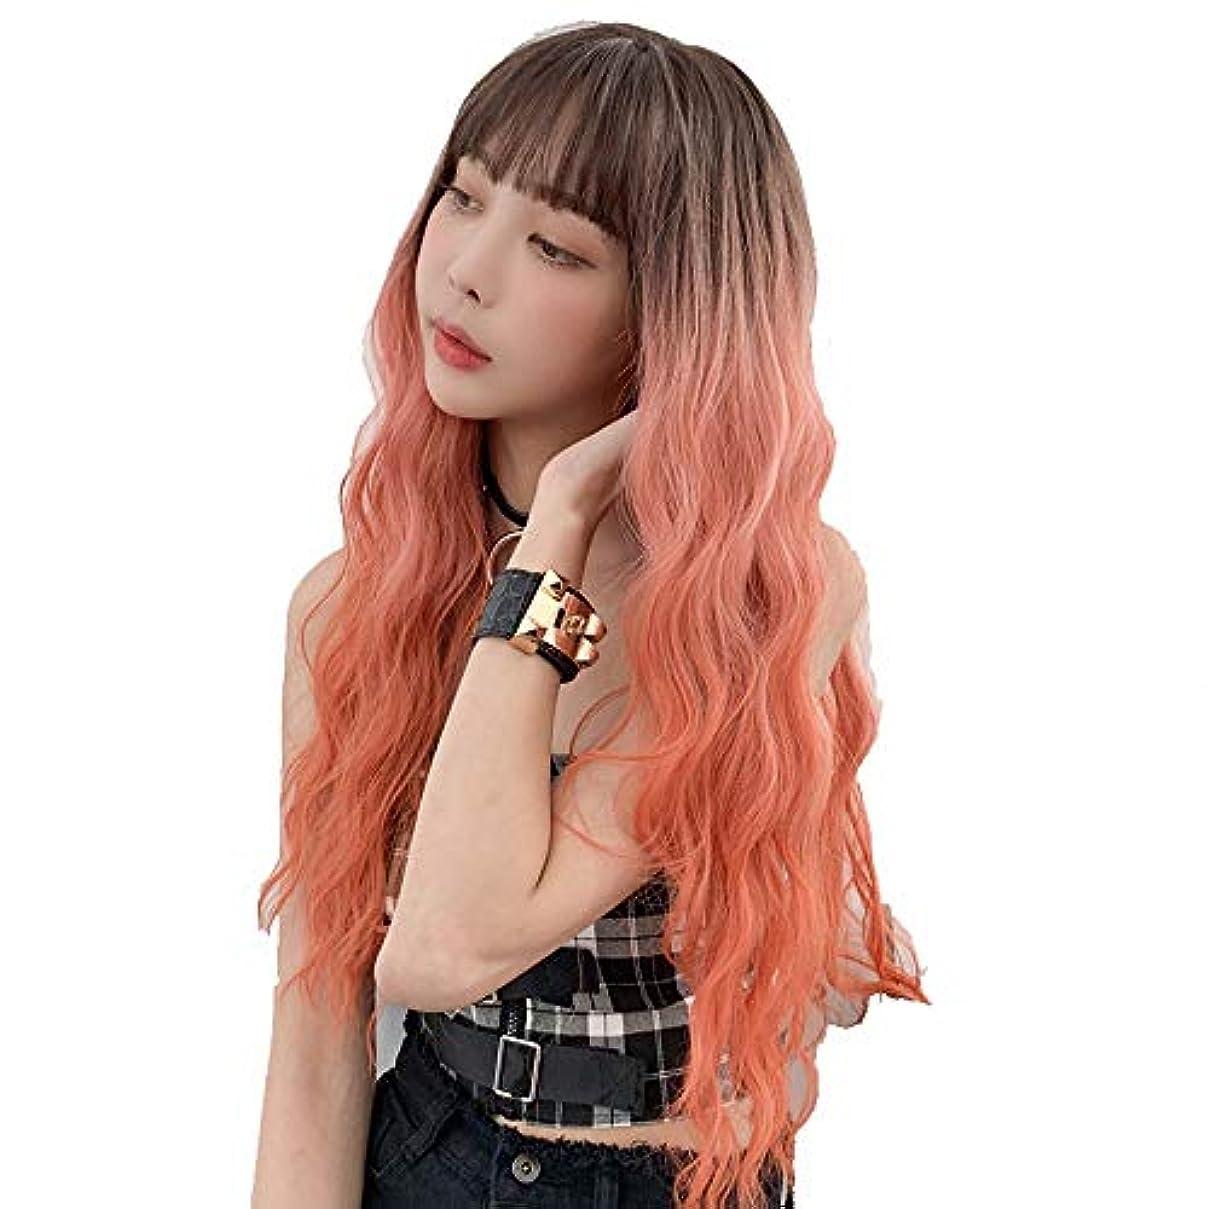 ダイエット警察署ロマンチックSRY-Wigファッション ファッション波状ロングオレンジウィッグレースフロントバングウィッグ女性用合成レースヘアウィッグ26インチ耐熱コスプレウィッグ